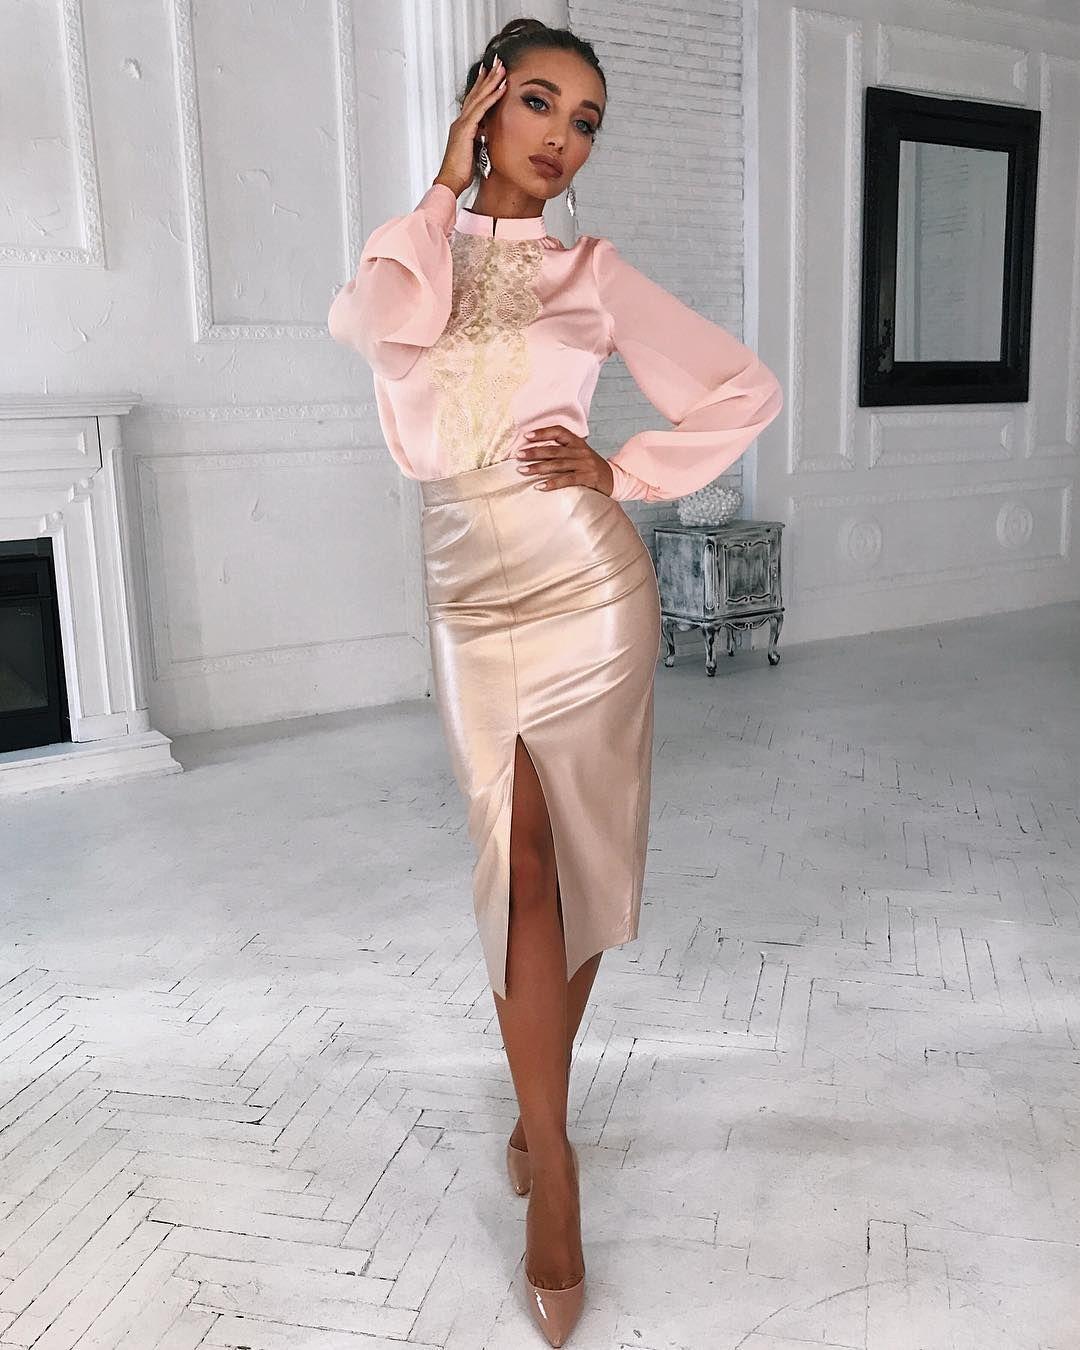 Нежный образ ❓🕊🌸 Ооочень 🙏🏻 На Анюте невесомая и прелестная блуза цвета  нежный 39dd99e4034